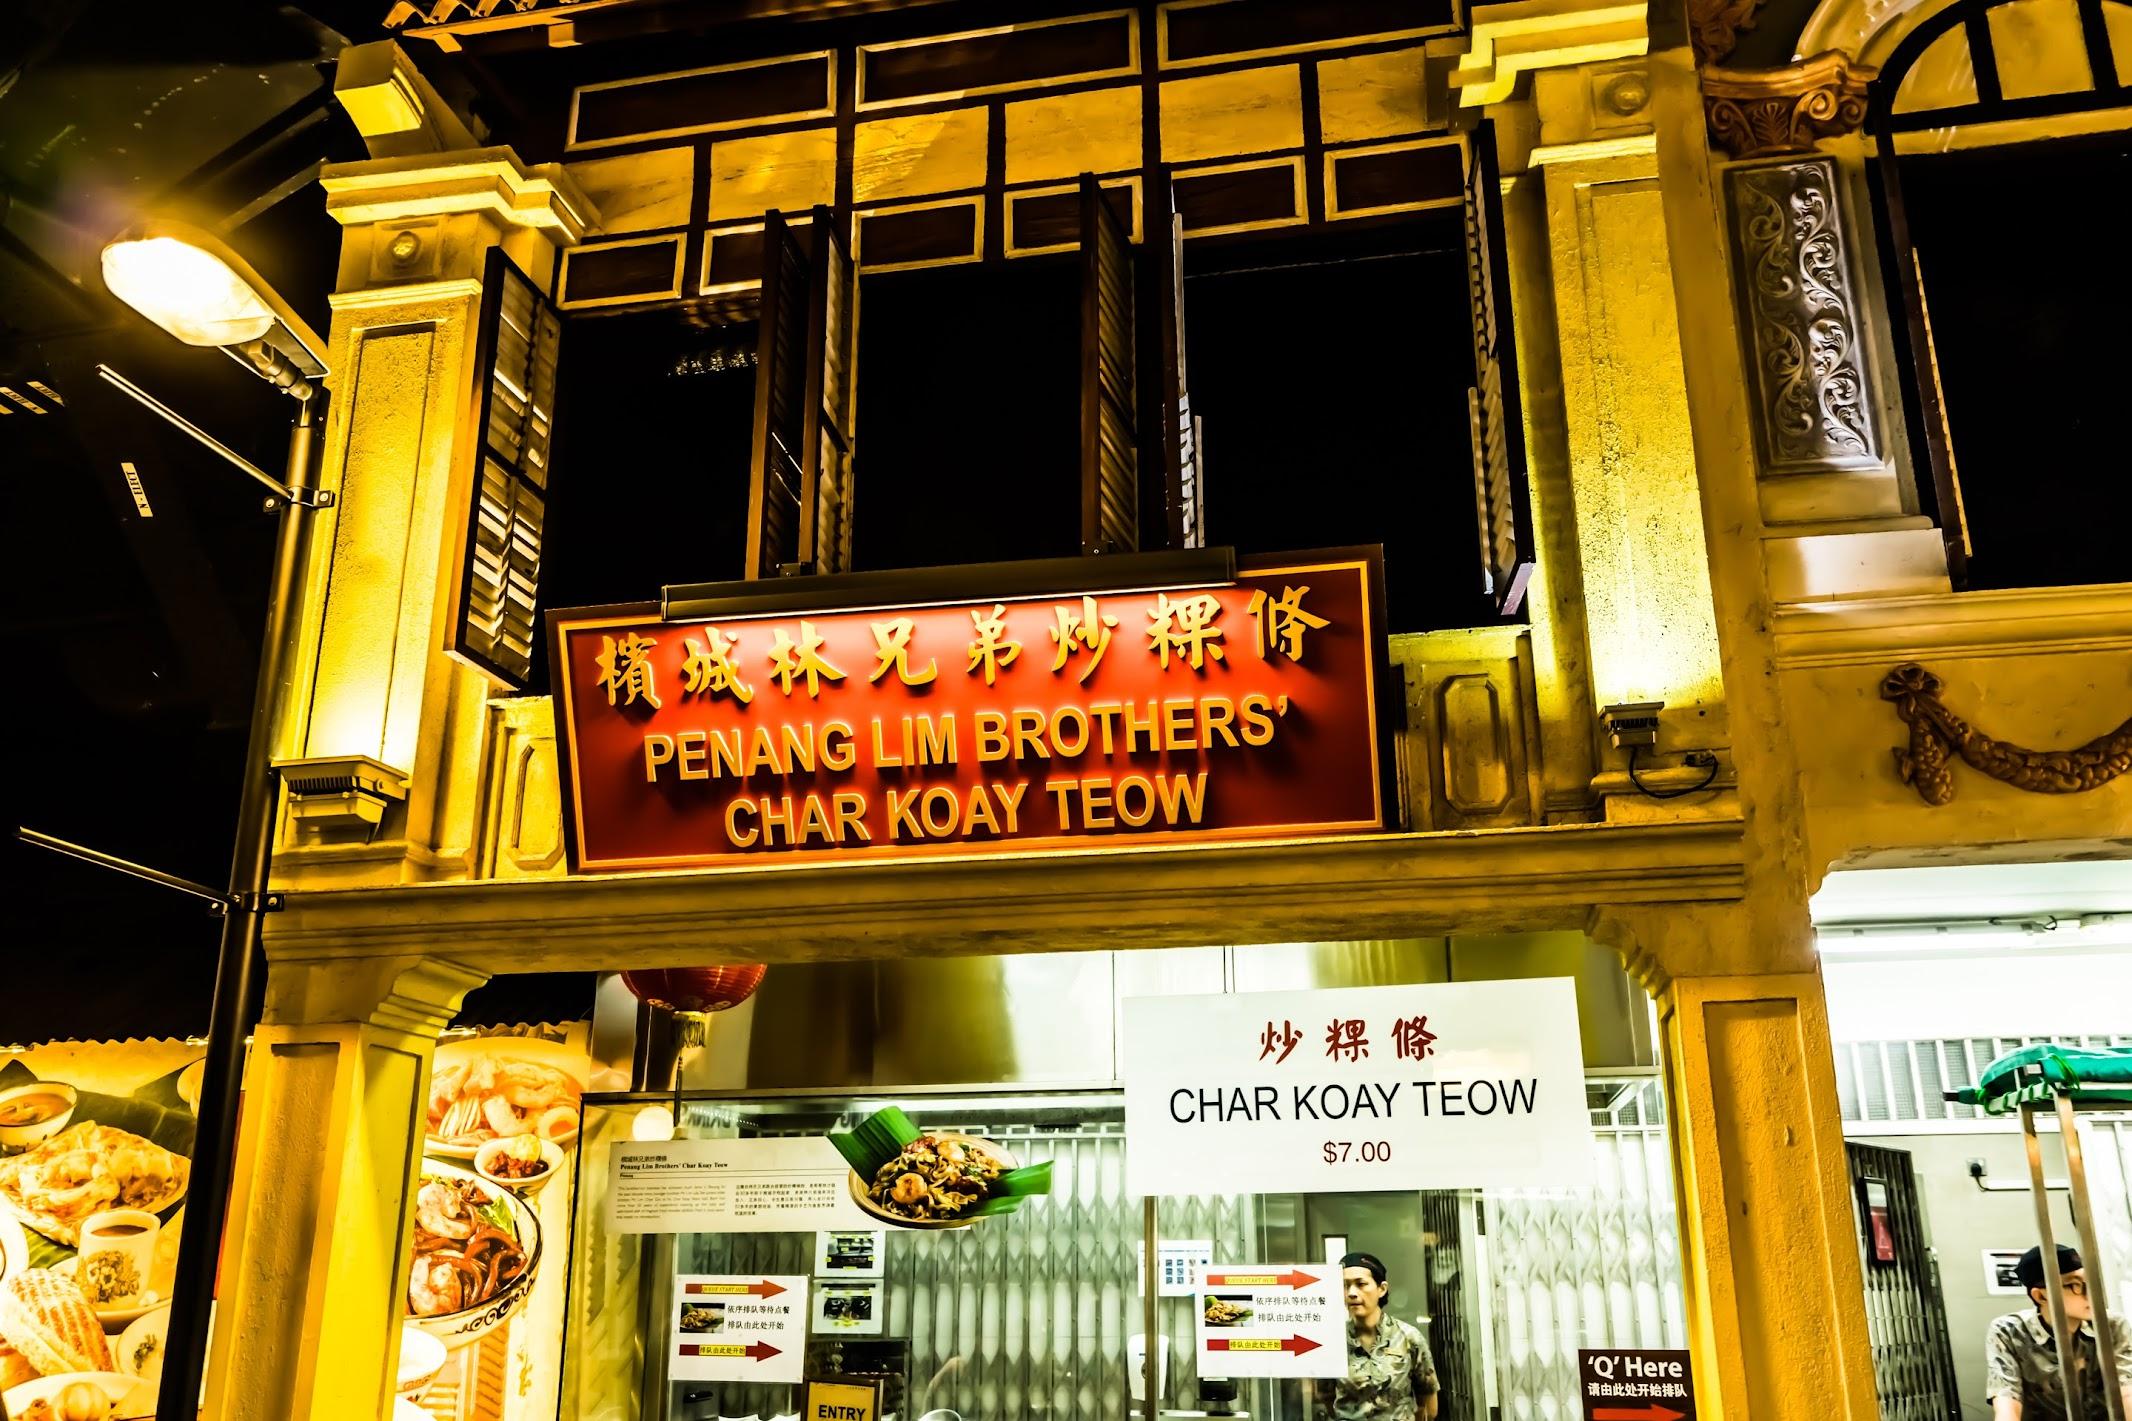 Singapore Sentosa Malaysian Food Street Penang Lim Brothers